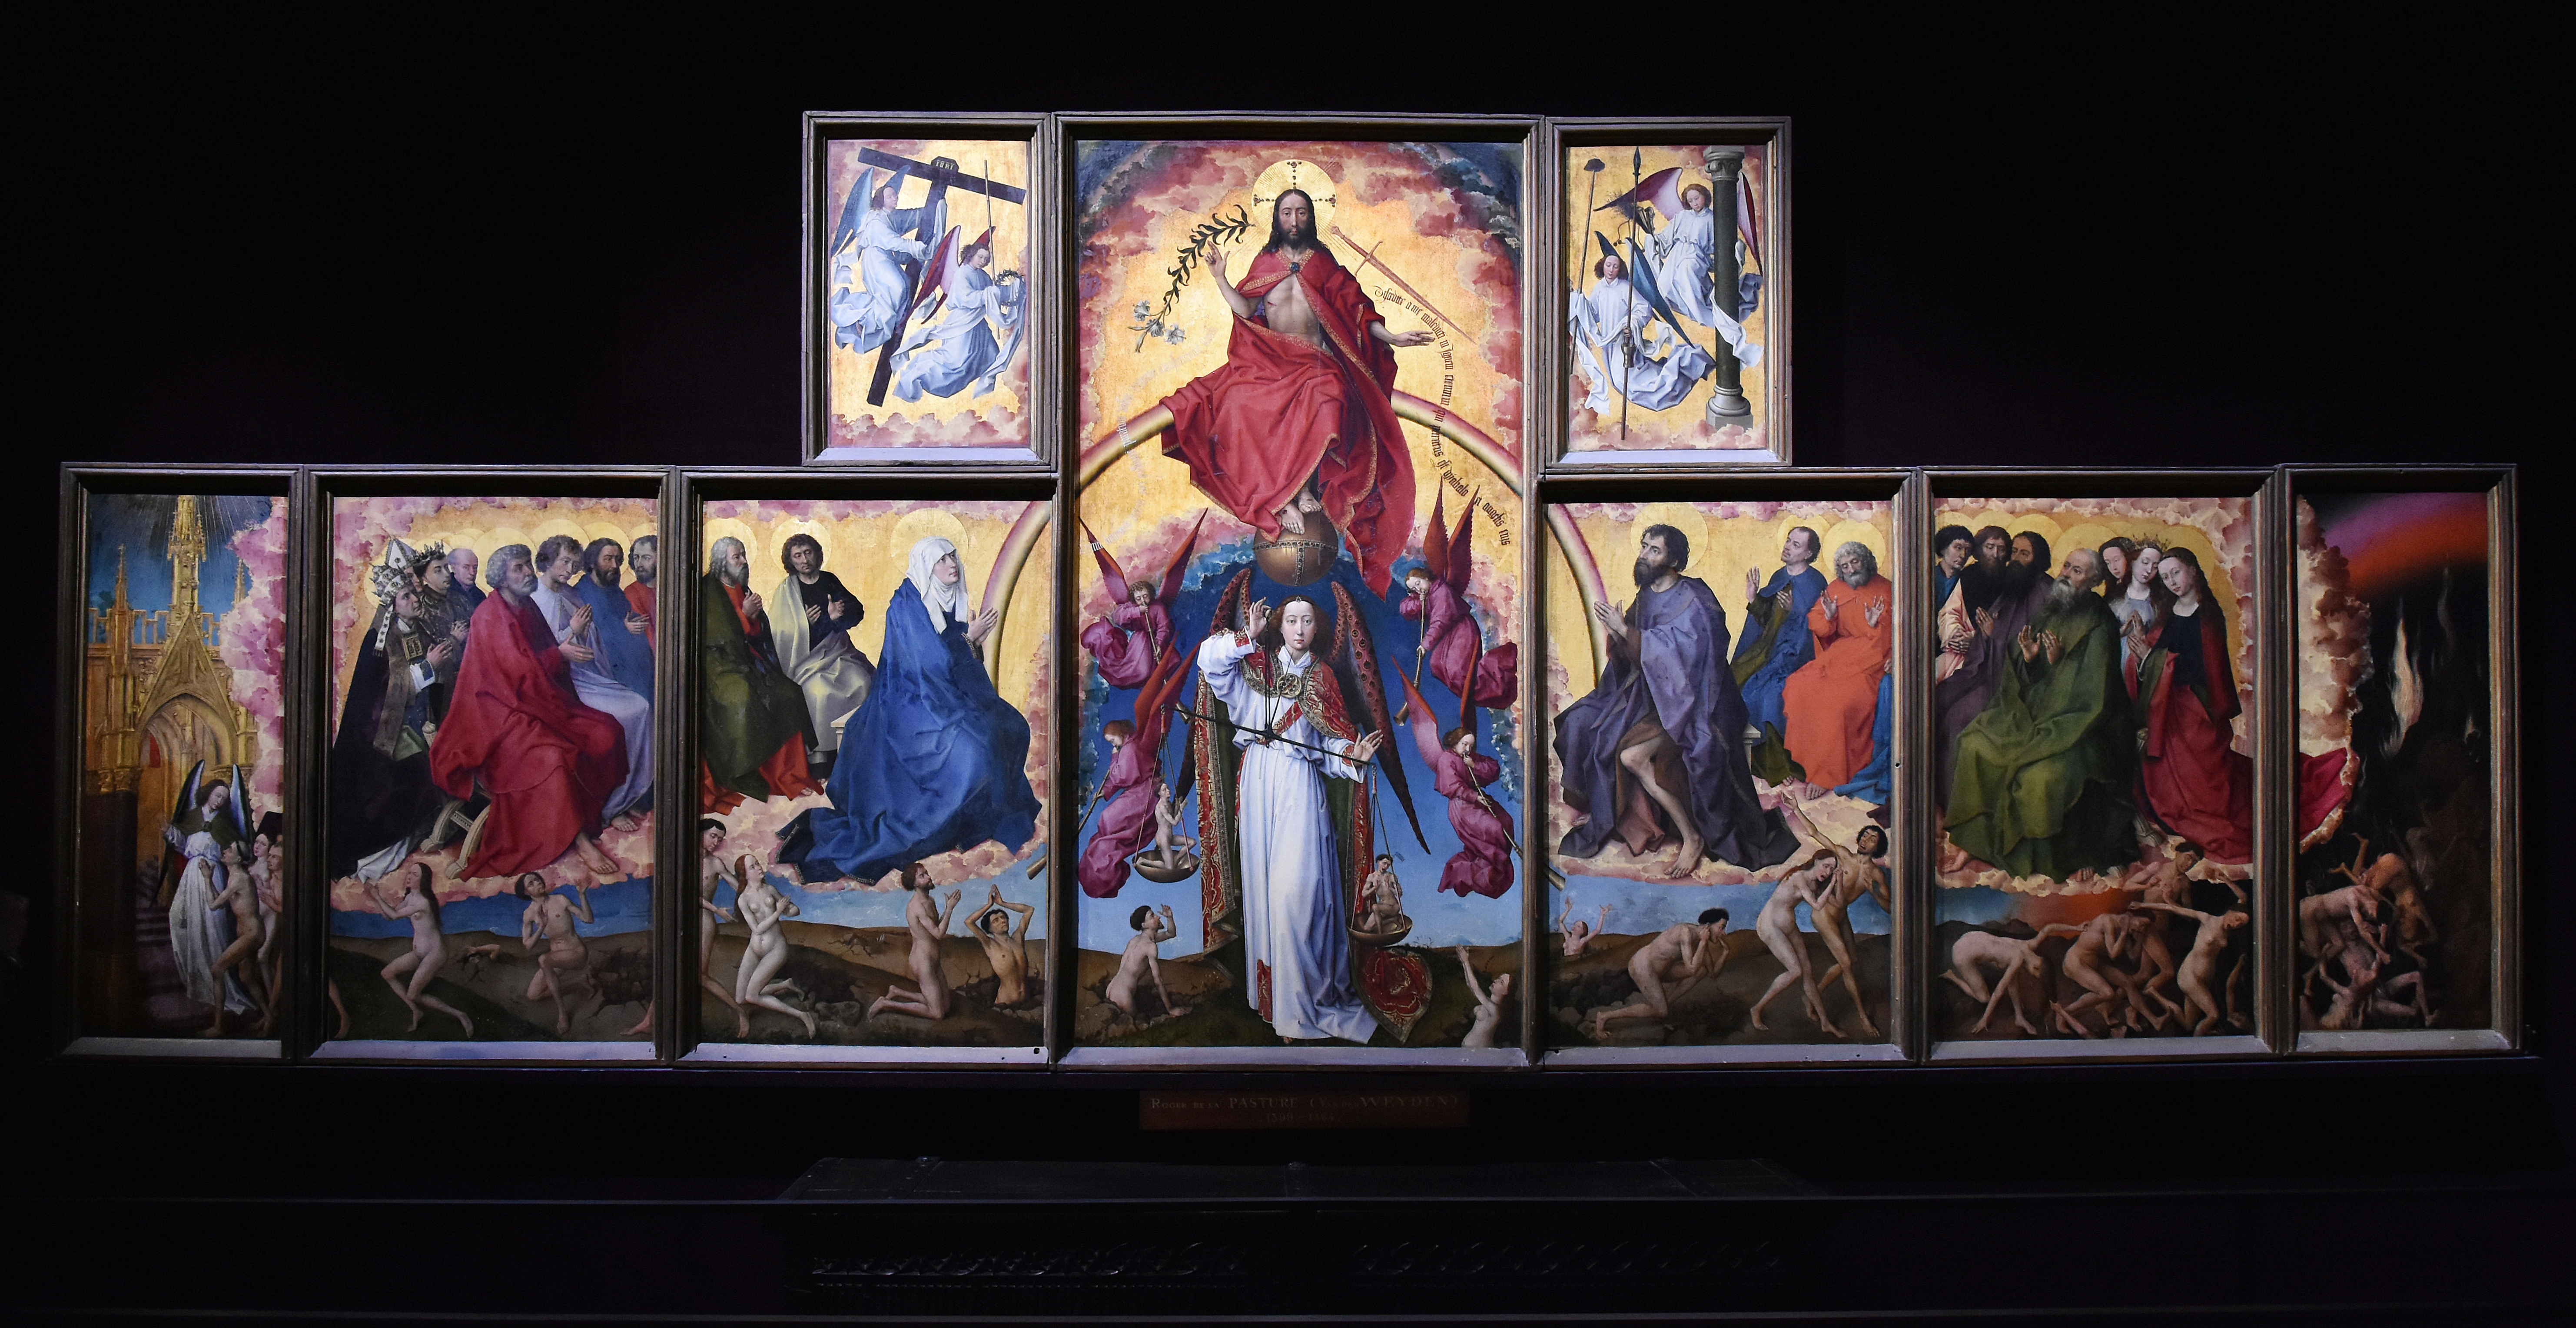 Rogier_van_der_Weyden_(1399of1400-1464)_